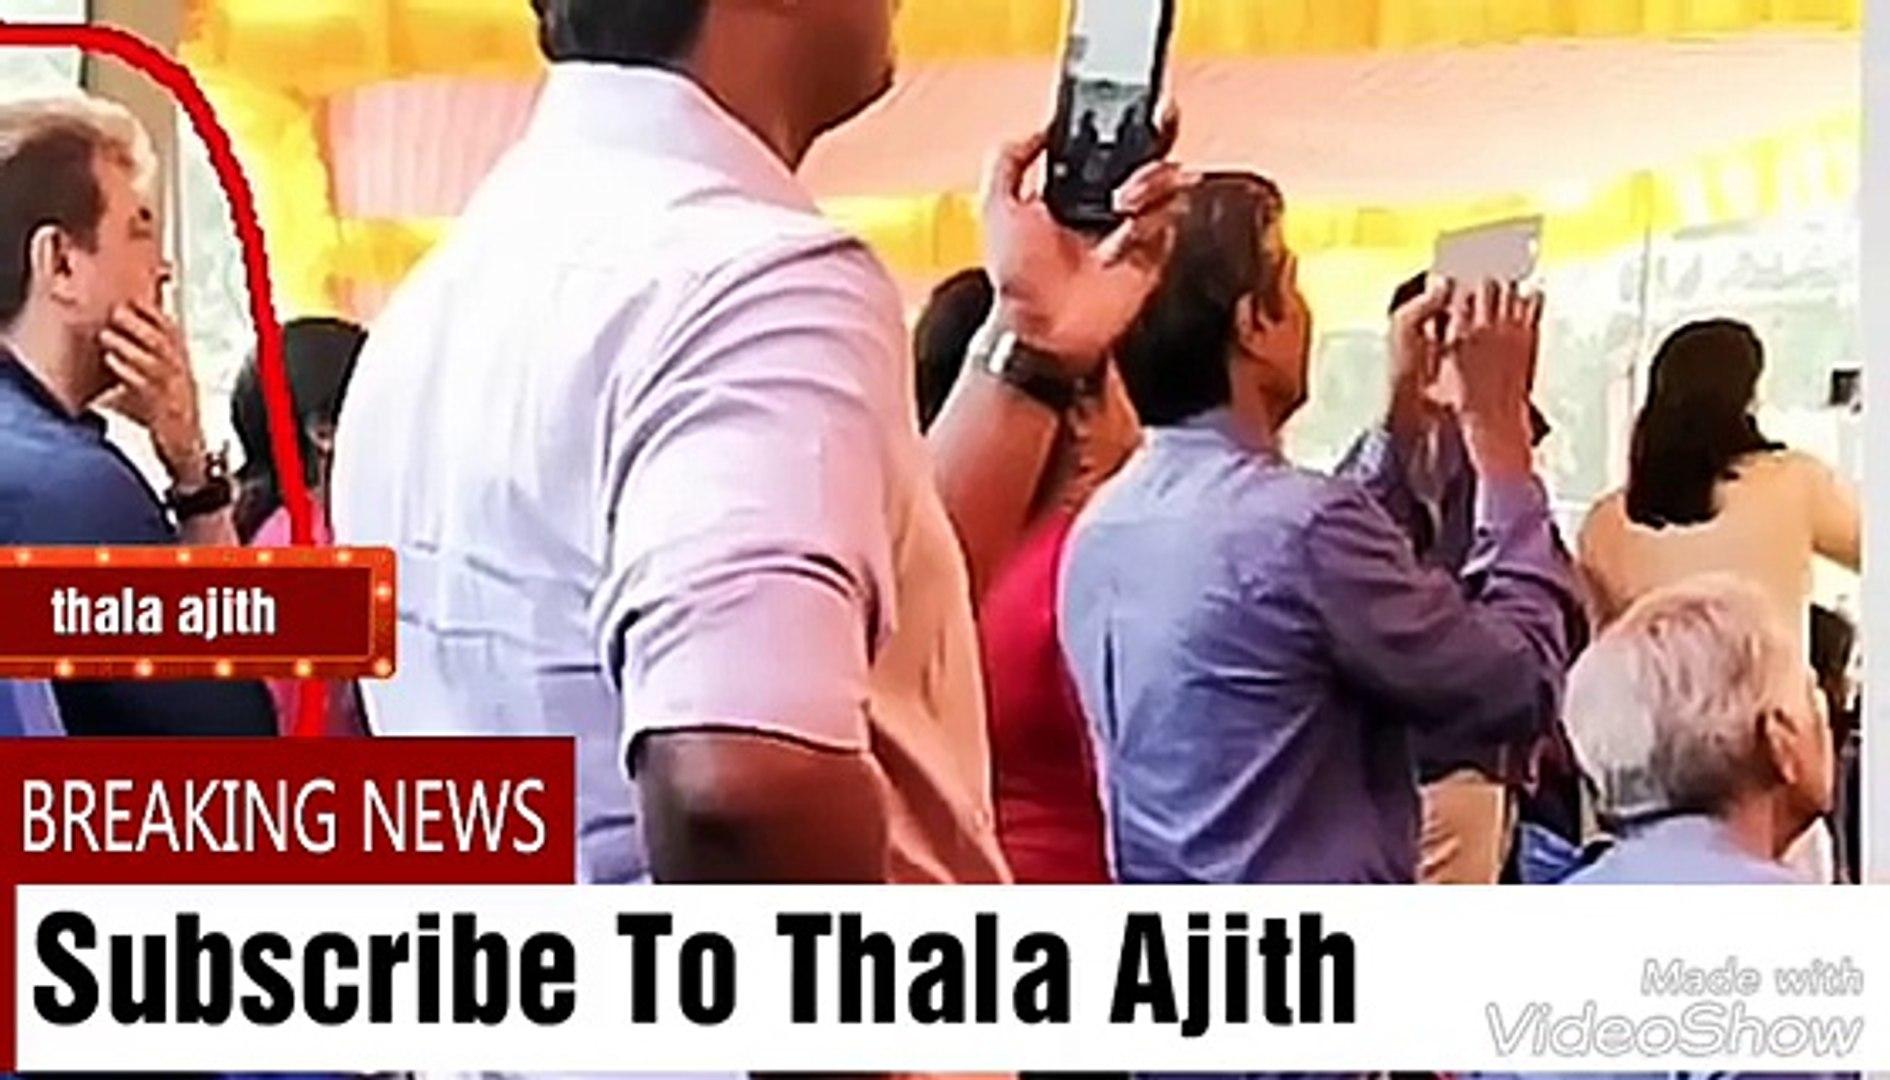 ajith hair style